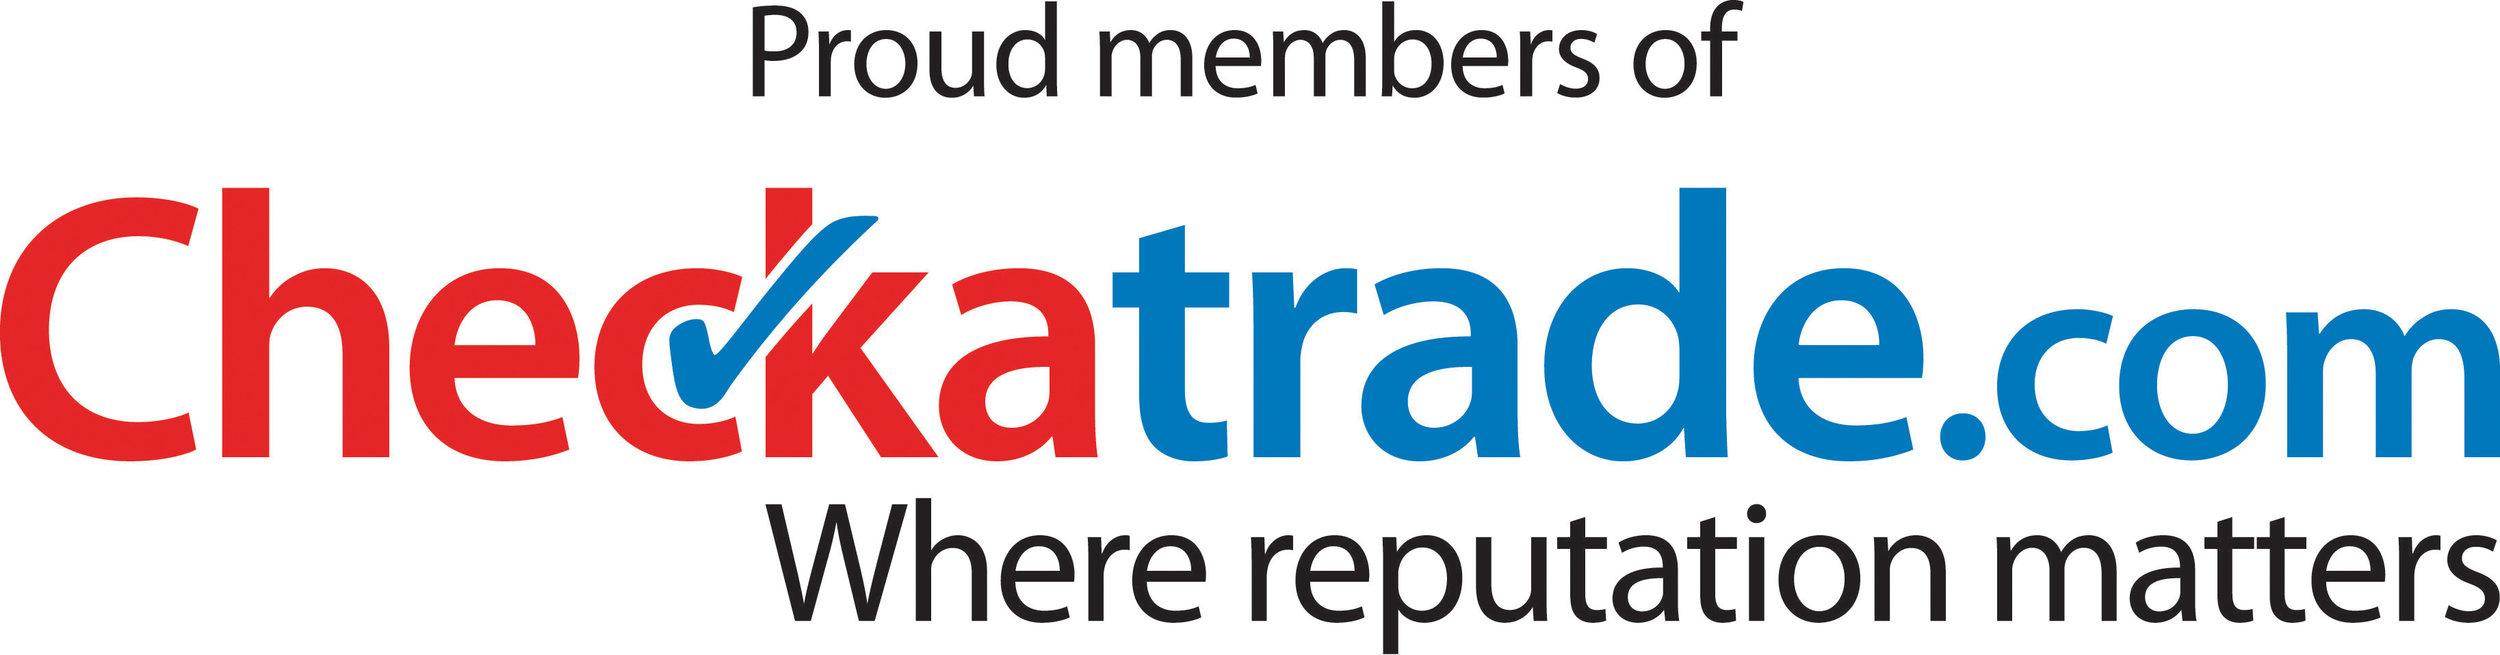 Checkatrade-Logo-2.jpeg